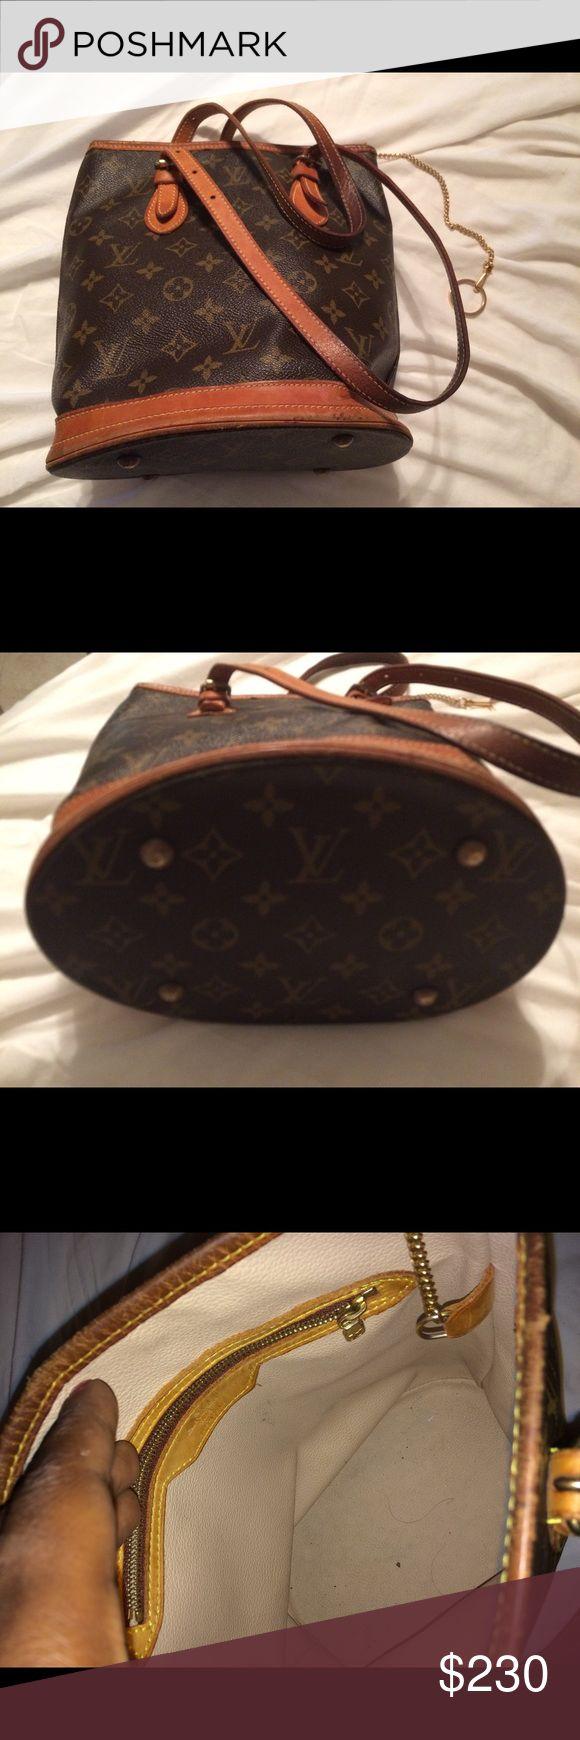 💯%  Authentic LV mini bucket bag 100% authentic LV Small bucket bag Louis Vuitton Bags Shoulder Bags